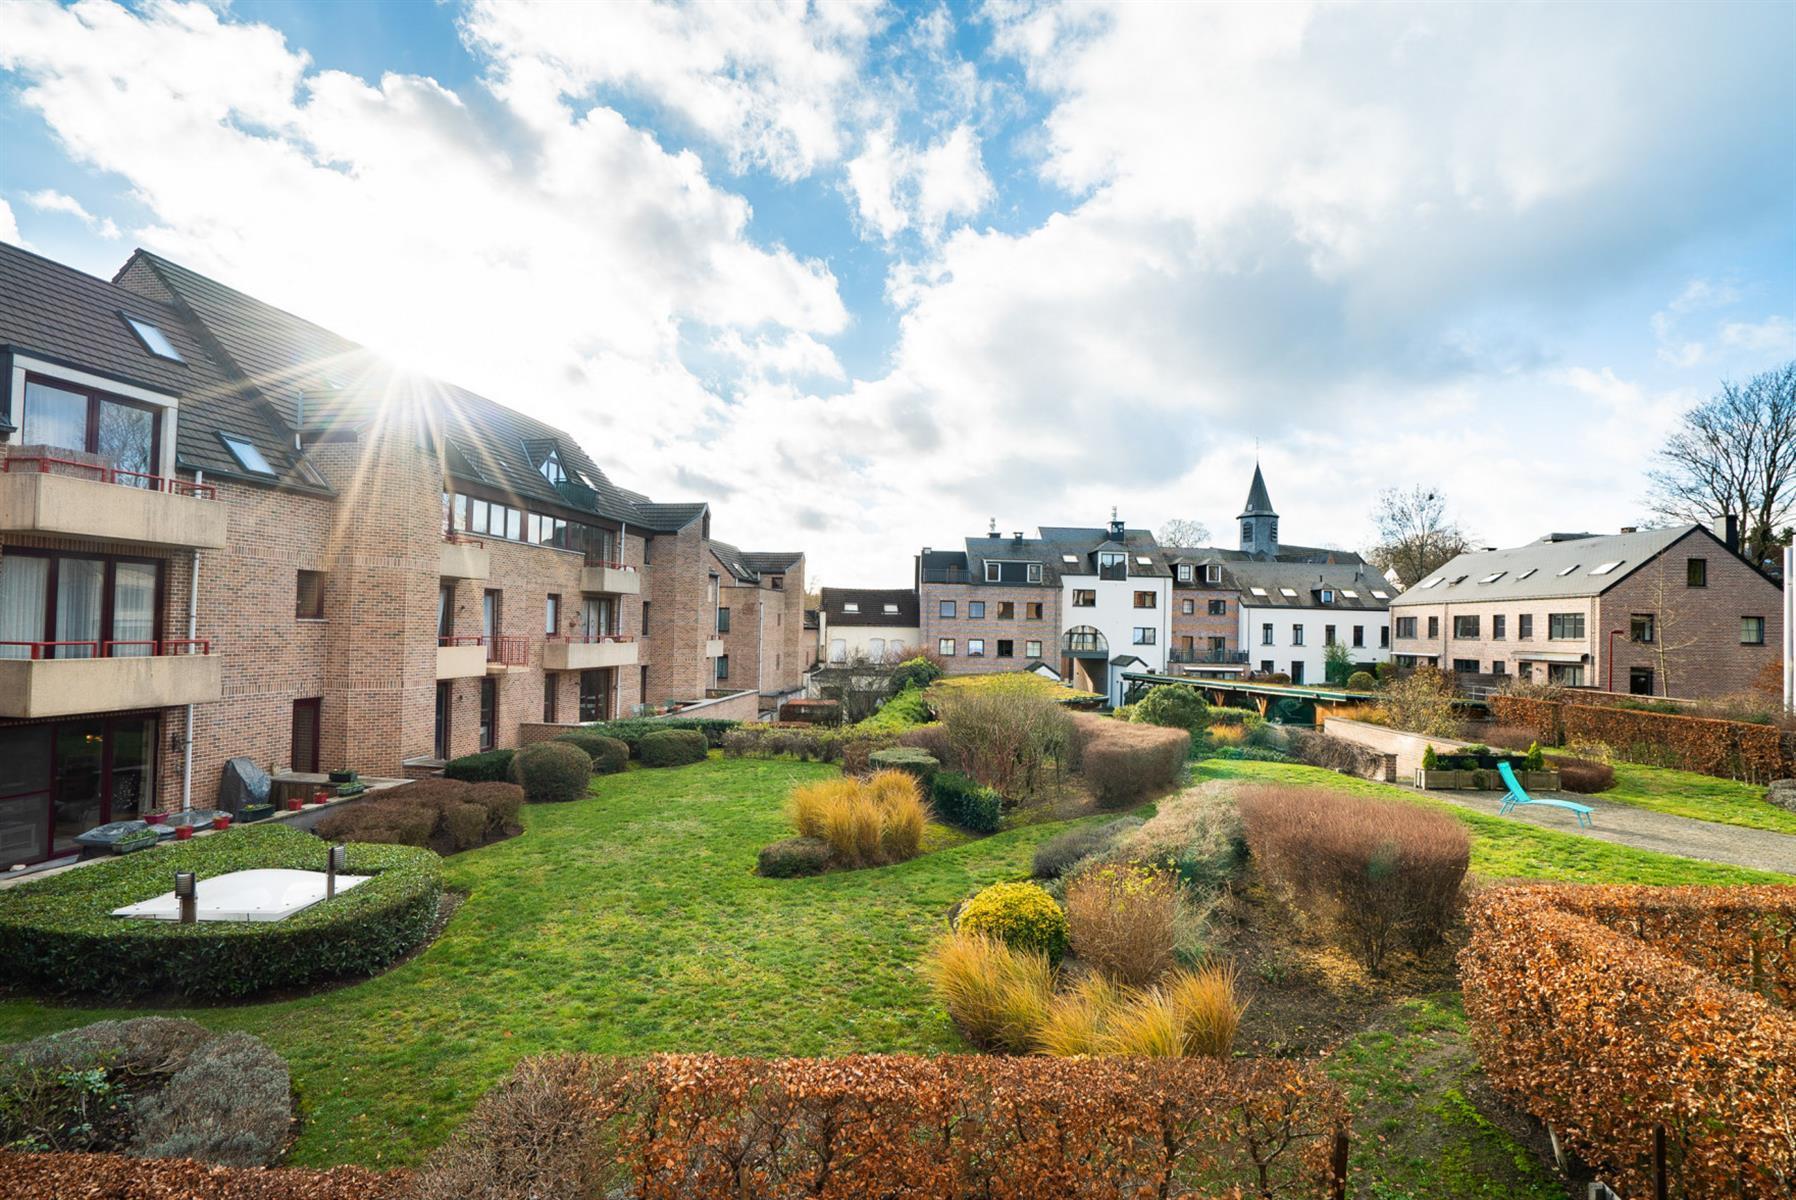 Appartement - Ottignies-Louvain-la-Neuve - #4254648-7